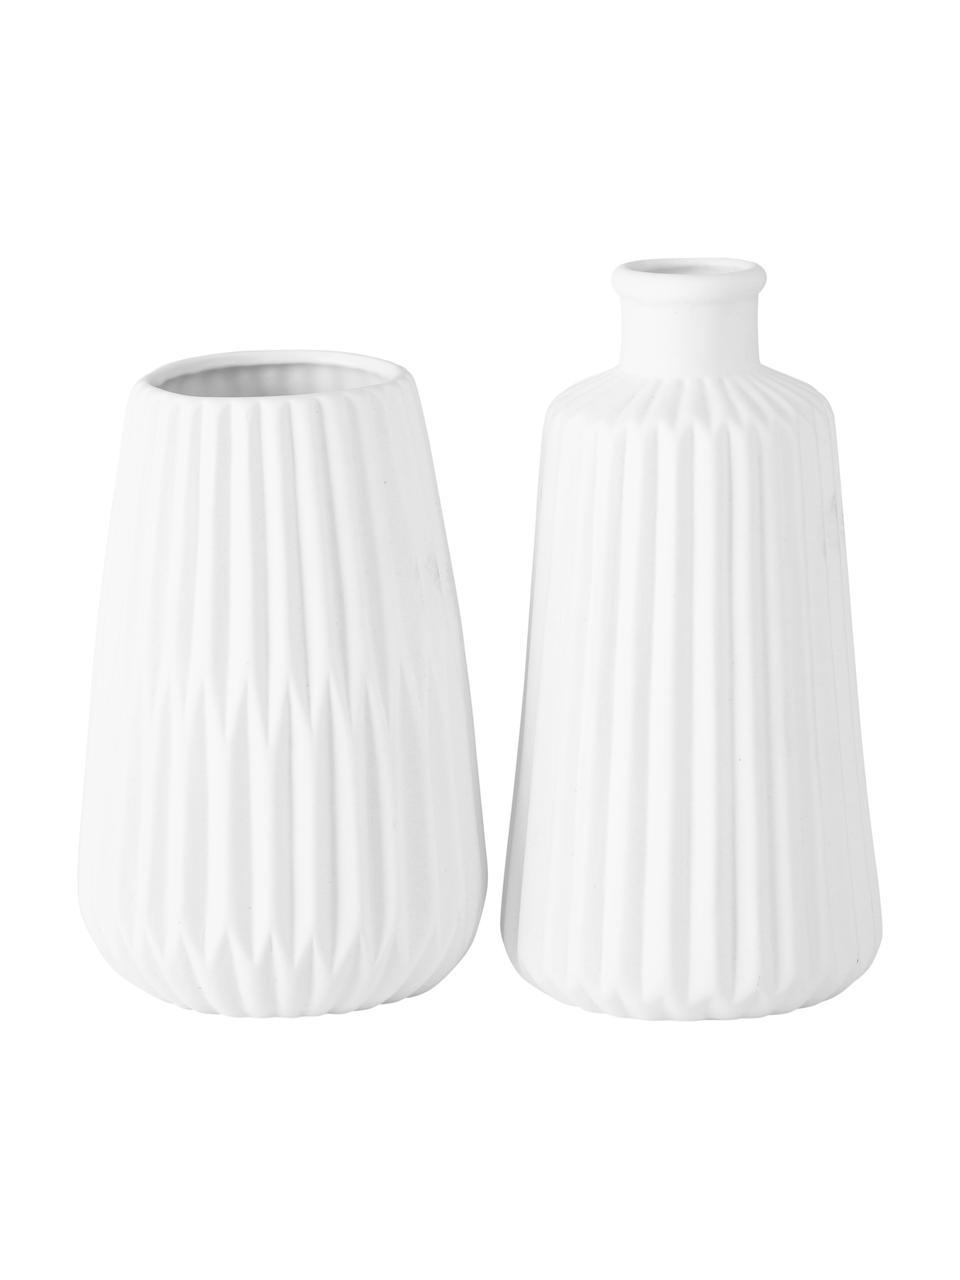 Ensemble de vases en porcelaine Esko, 2élém., Blanc